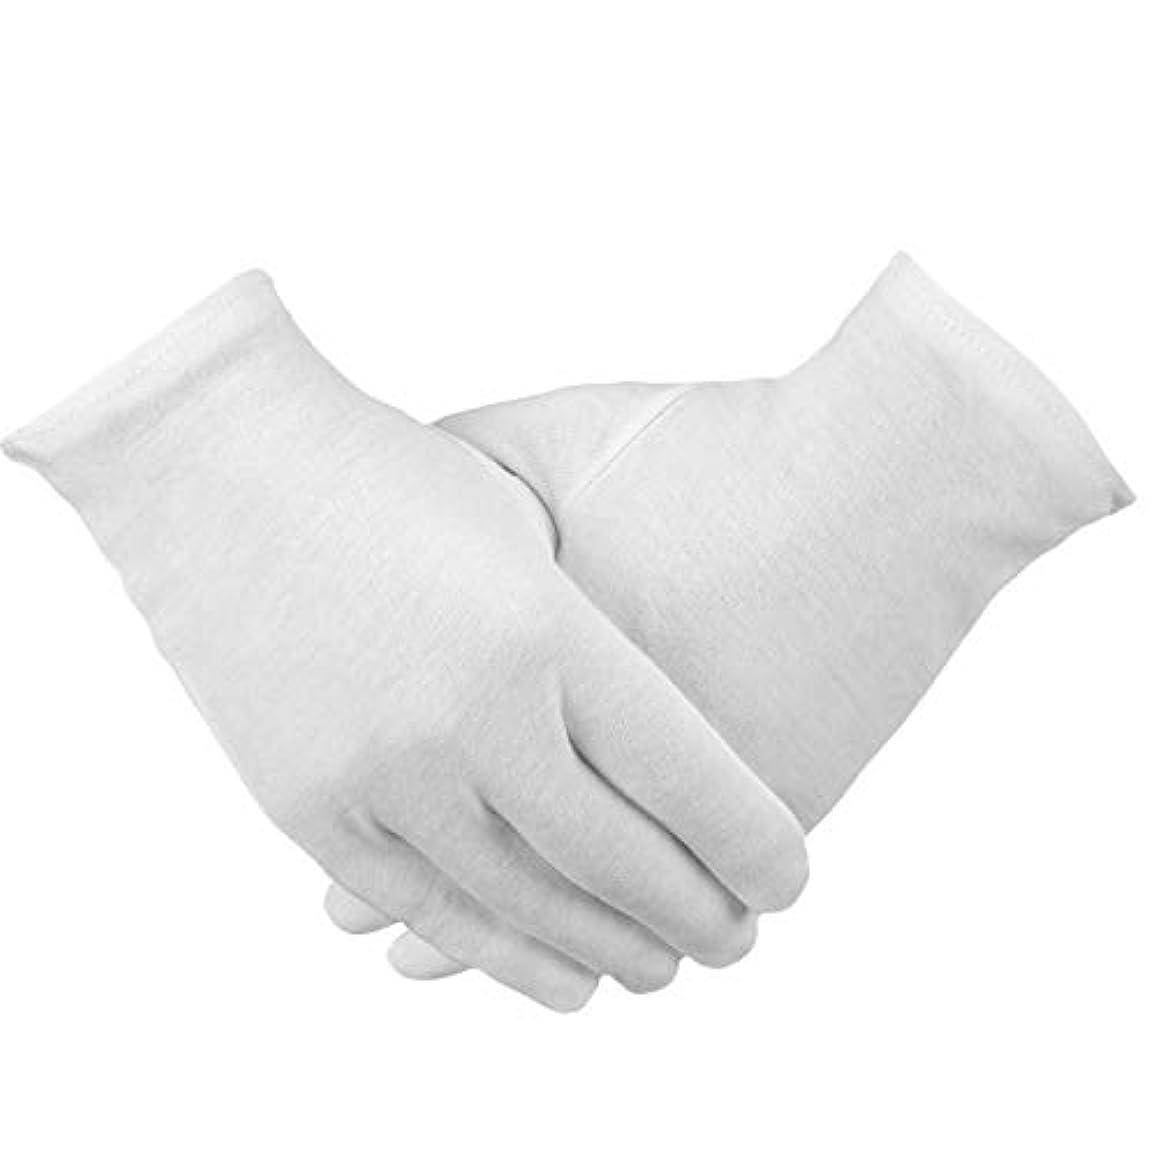 パスタ喉頭促すPAMASE 12ペア 手荒れ対策 コットン手袋 綿手袋 純綿 ハンドケア 白手袋 お休み 乾燥肌用 保湿用 家事用 礼装用 メンズ レディース 手袋